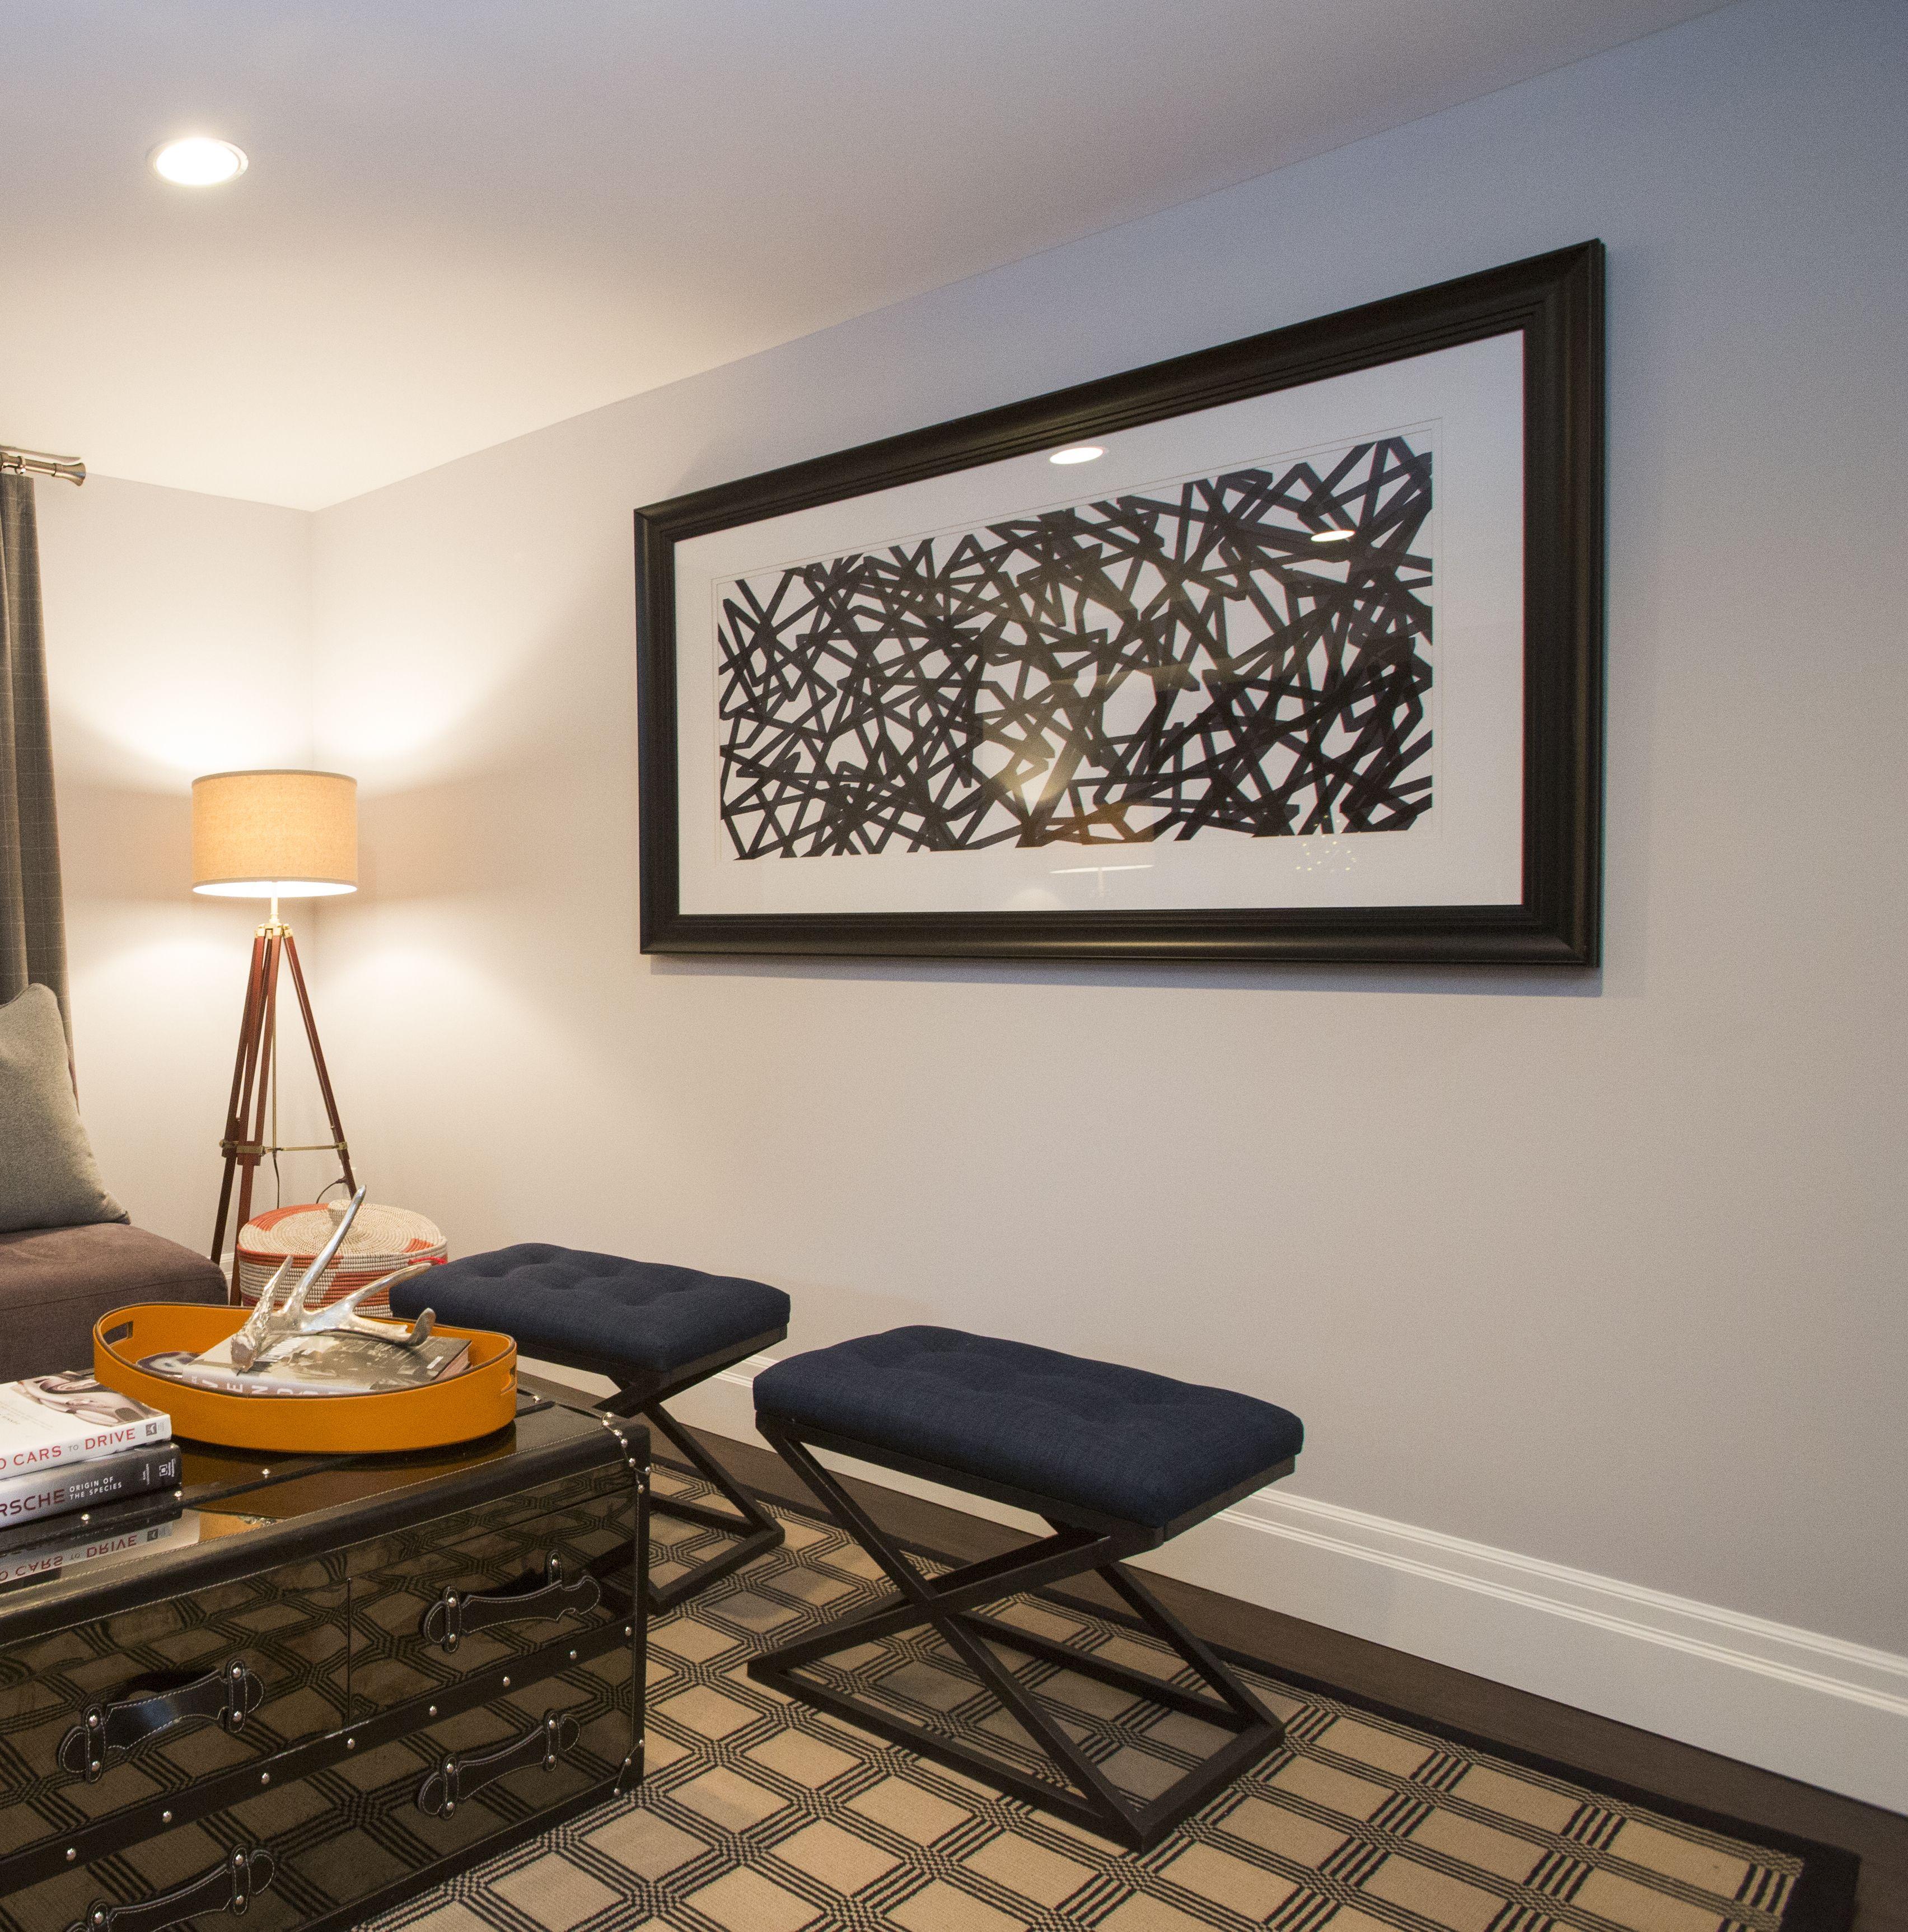 Best Basement Wall Paint Dimpse Farrow Ball Living 400 x 300